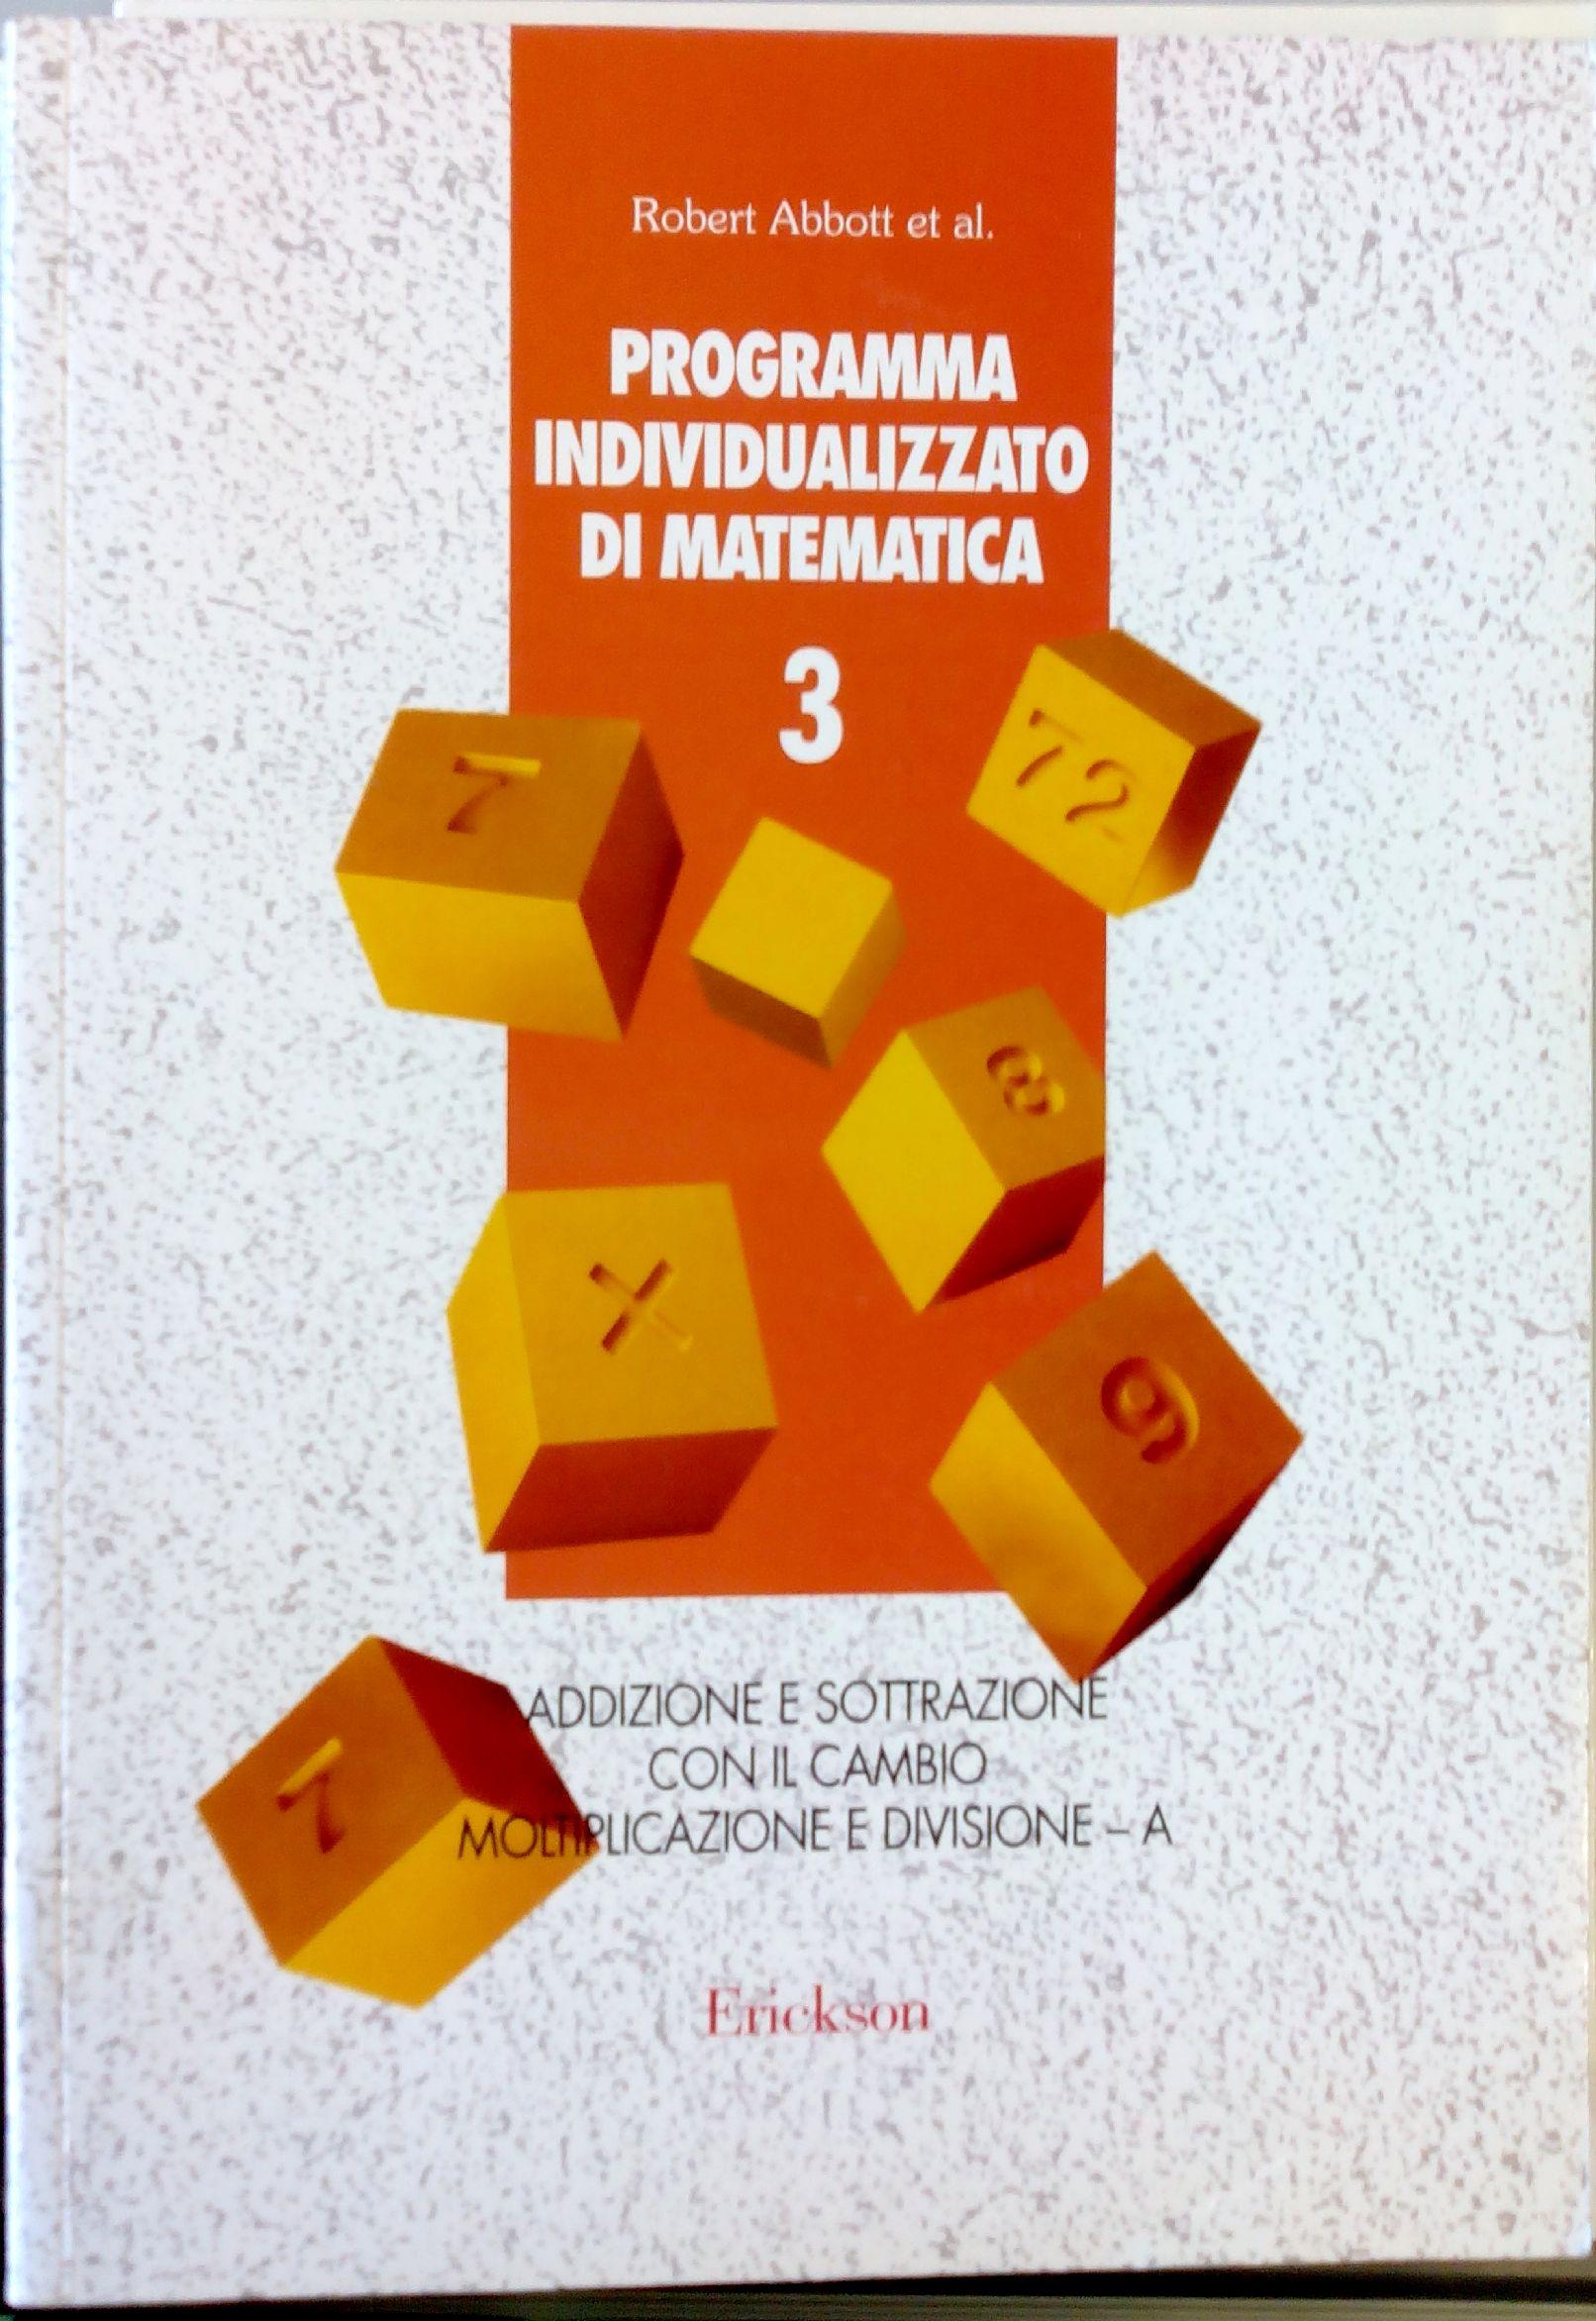 Programma individualizzato di matematica